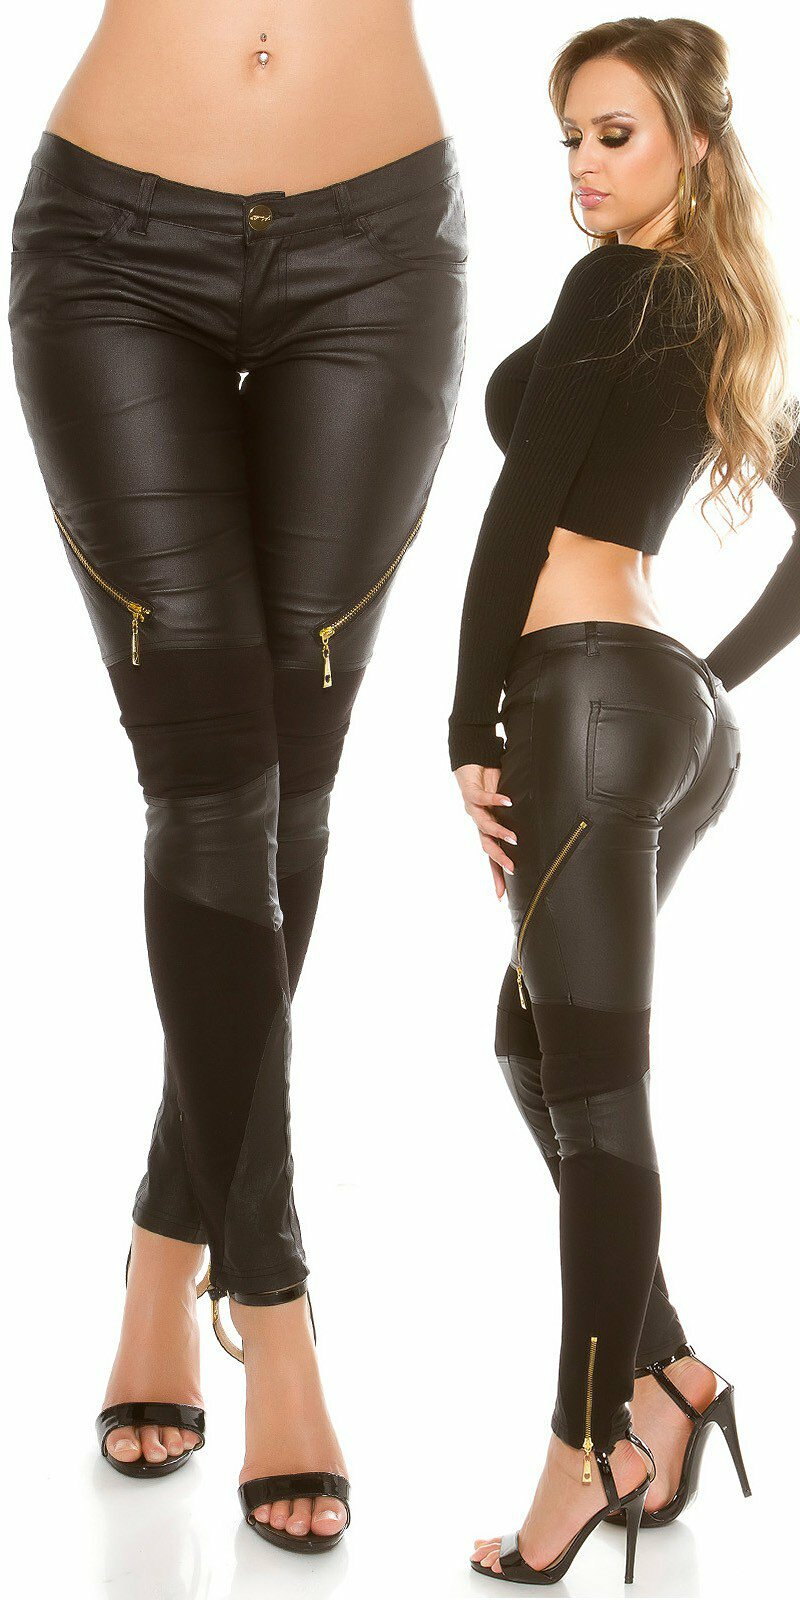 5b30f74f02a2 Dámske čierne nohavice koženého vzhľadu KouCla  Veľkosť M Farba Béžová